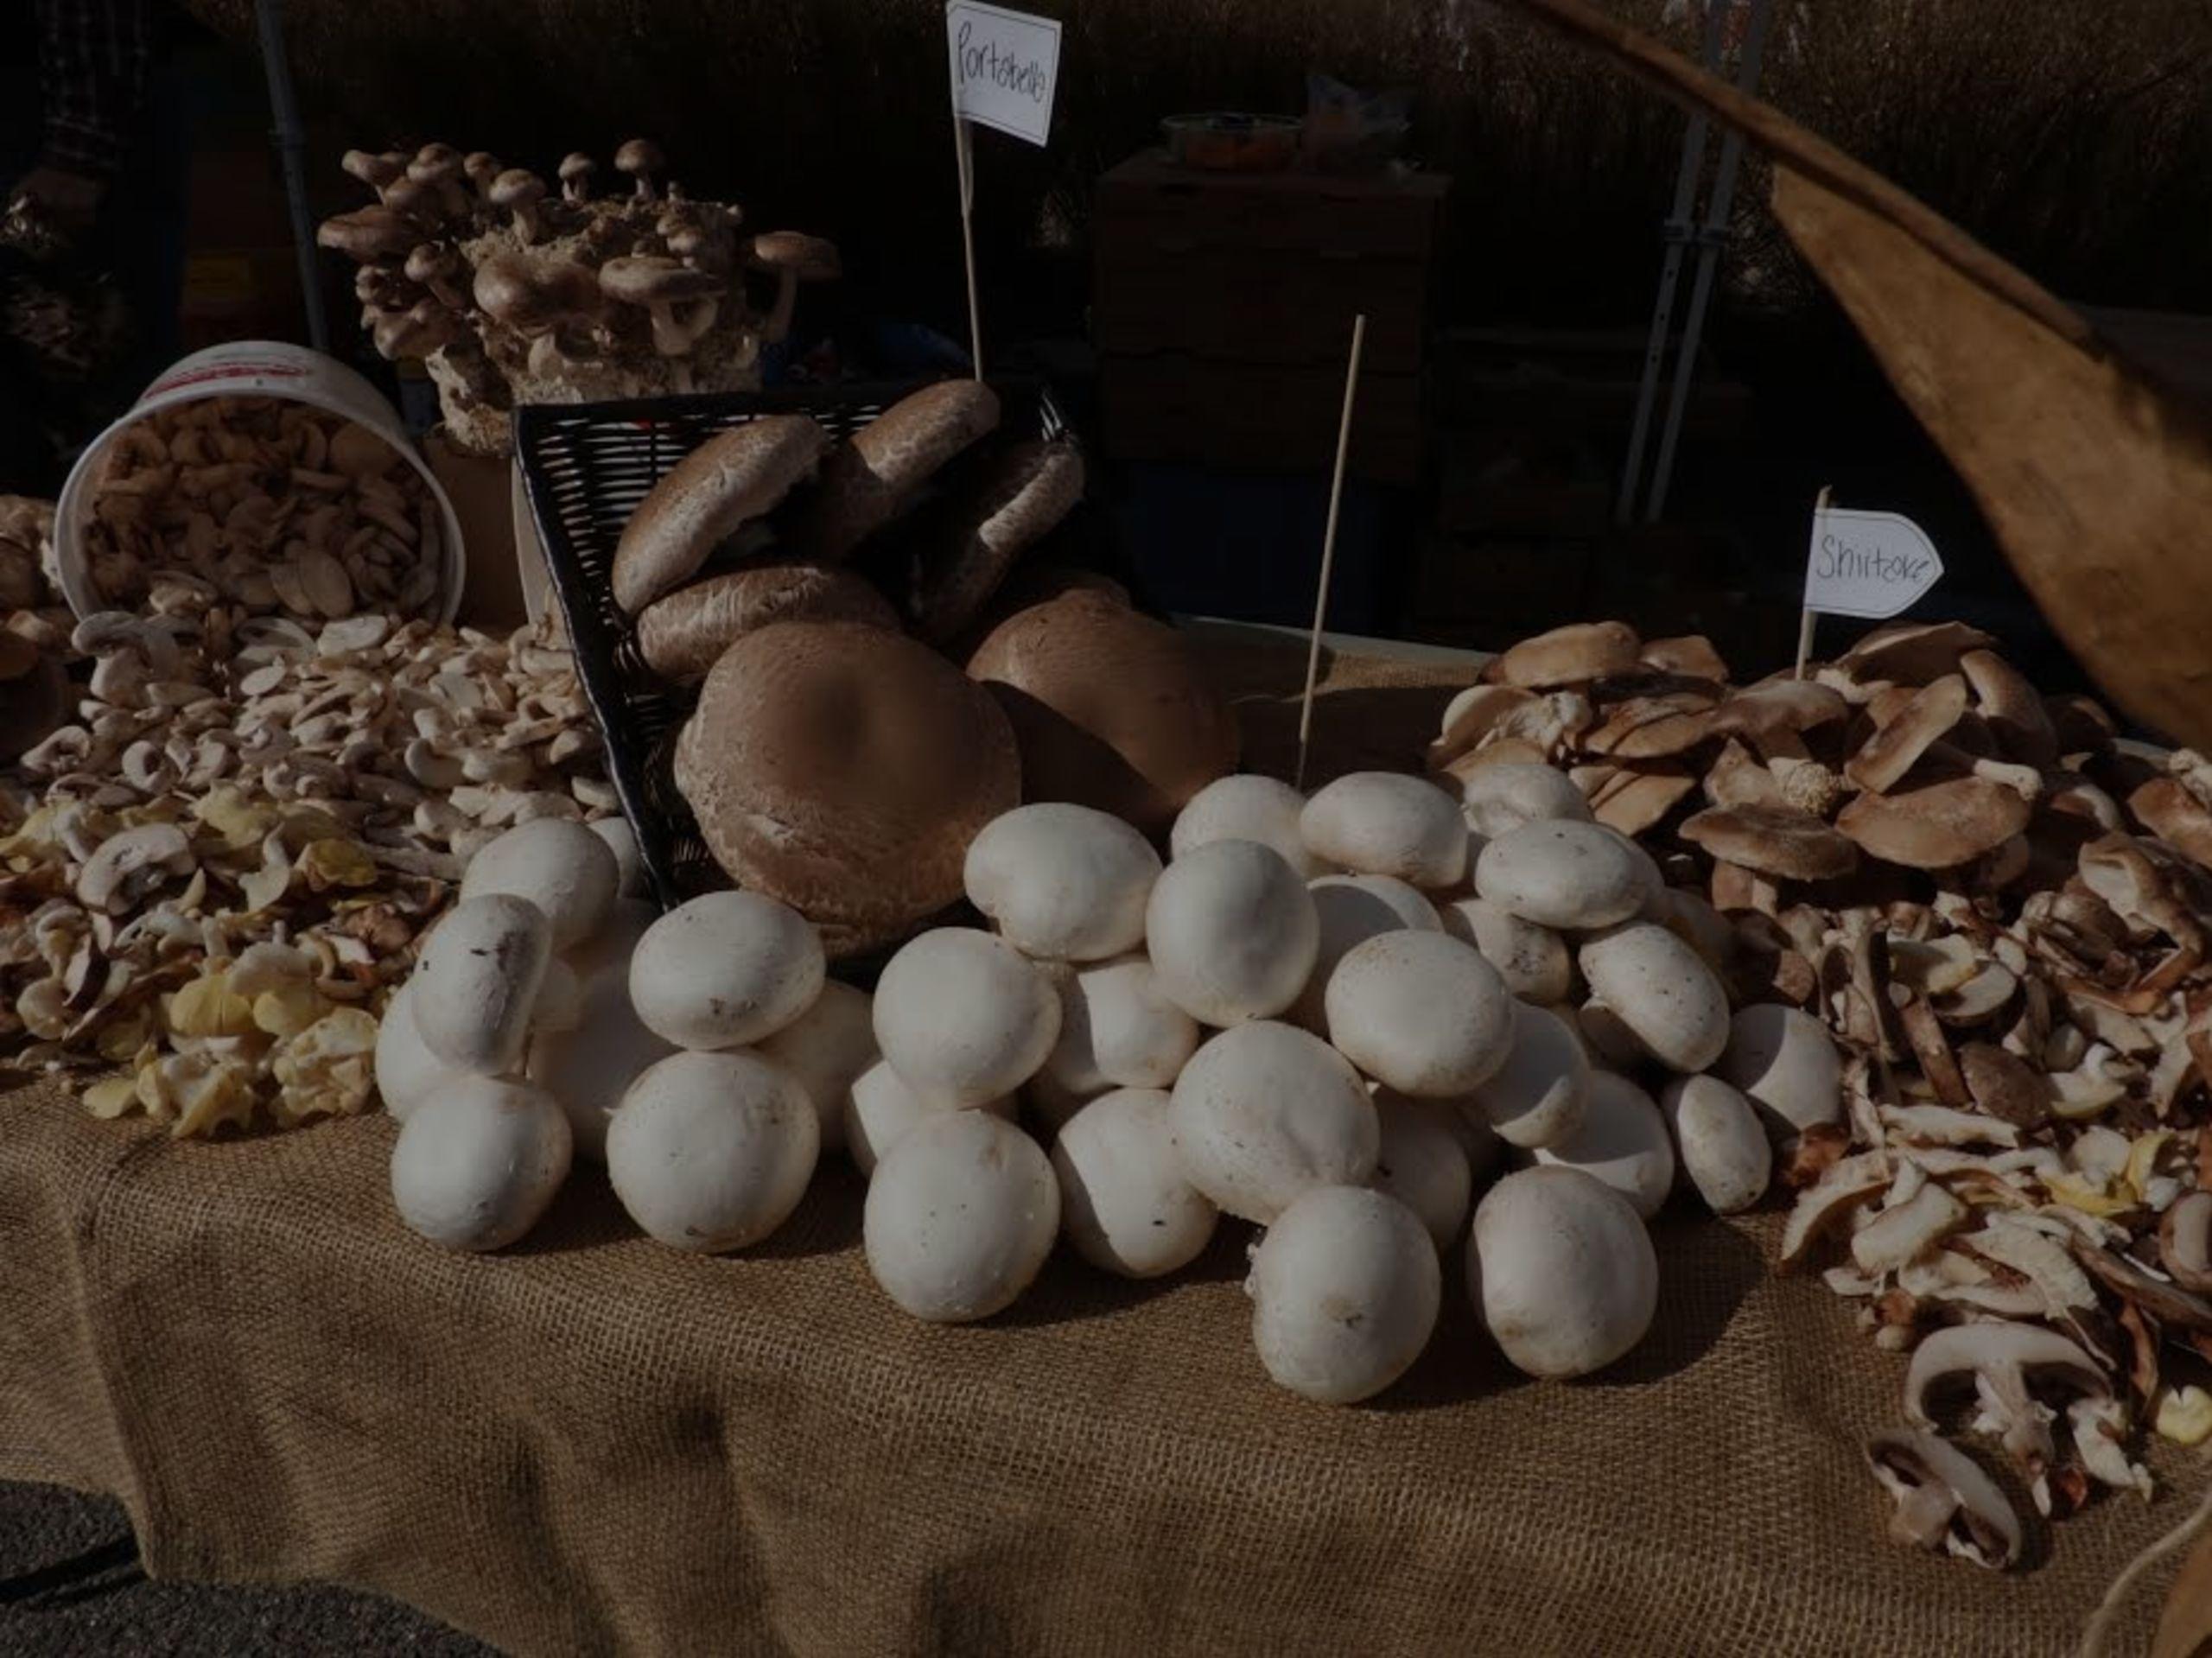 Kennett Square Mushroom Festival